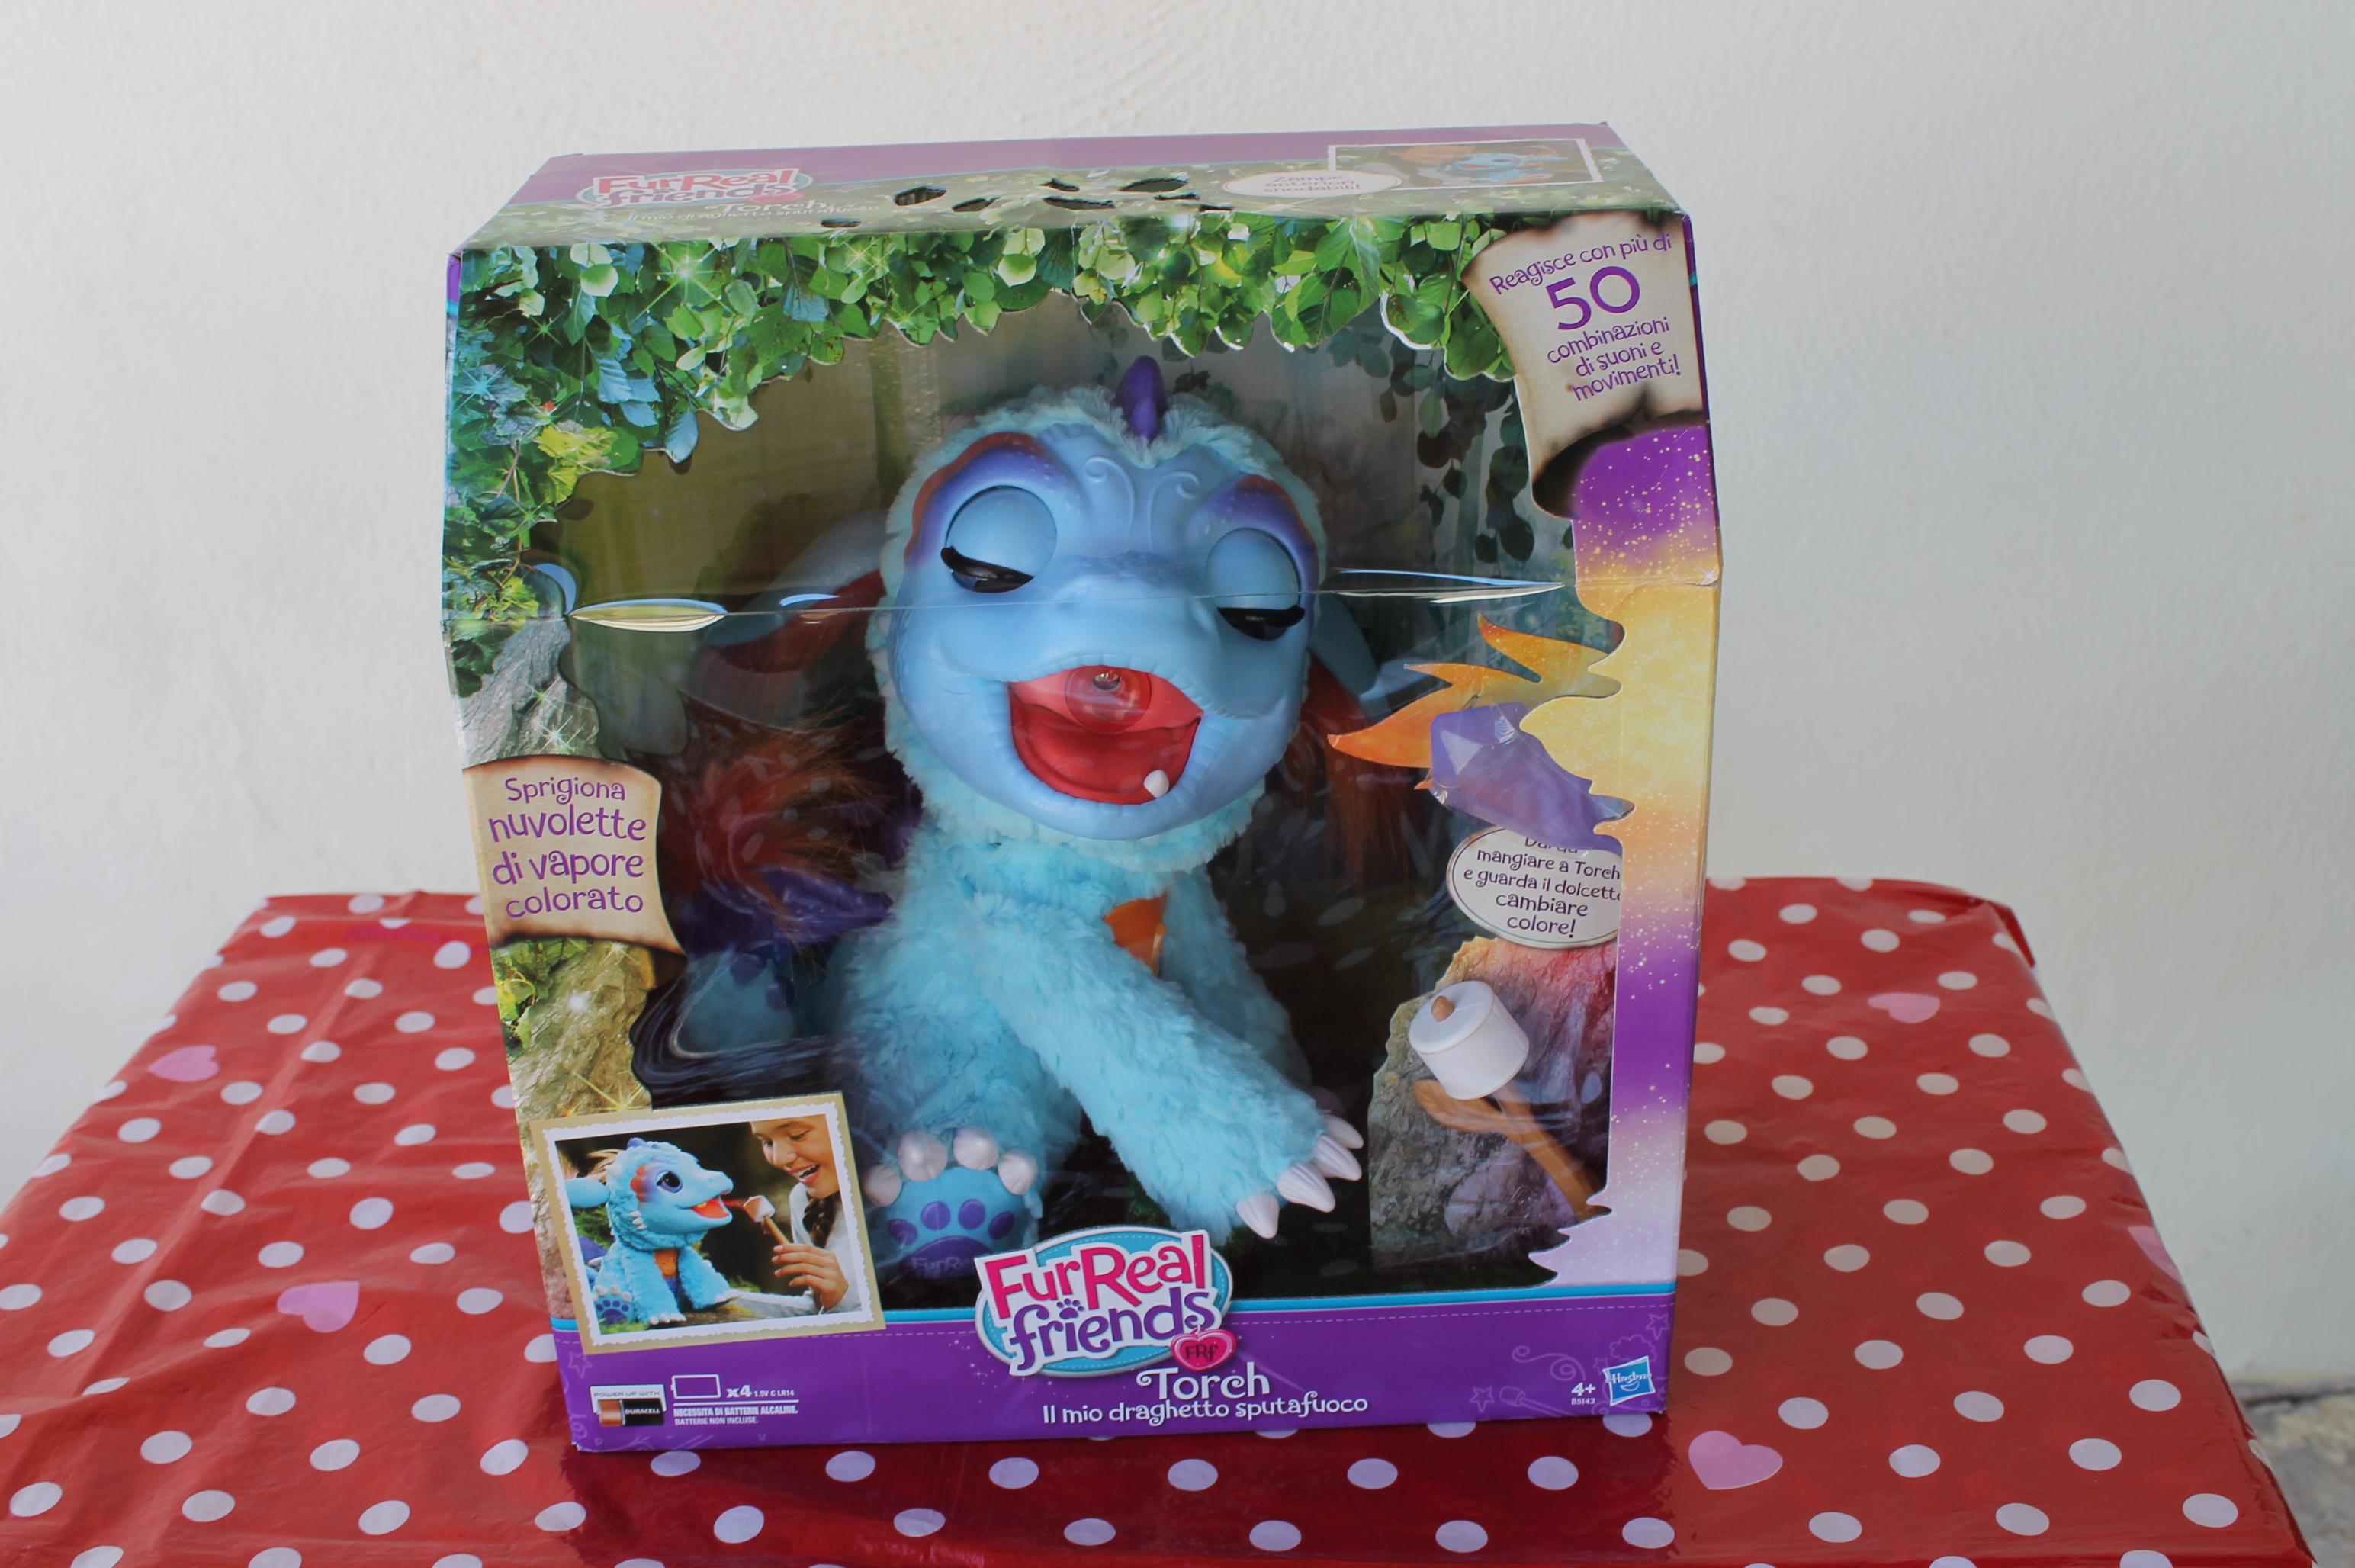 Torch il cucciolo sputa fuoco FurReal friends della Hasbro